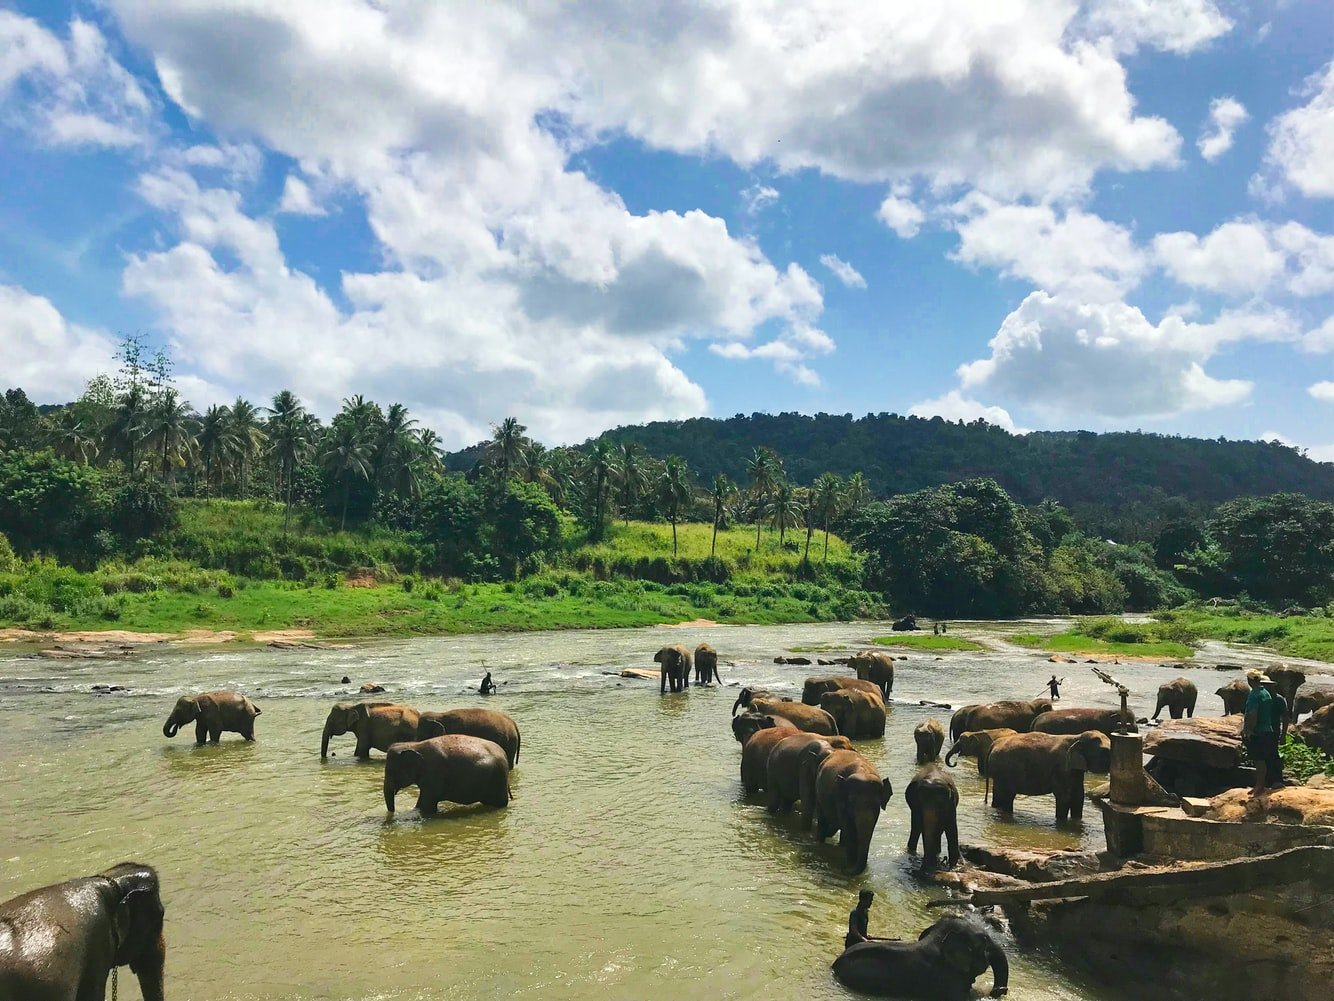 Elefanten baden im Fluss Sri Lanka